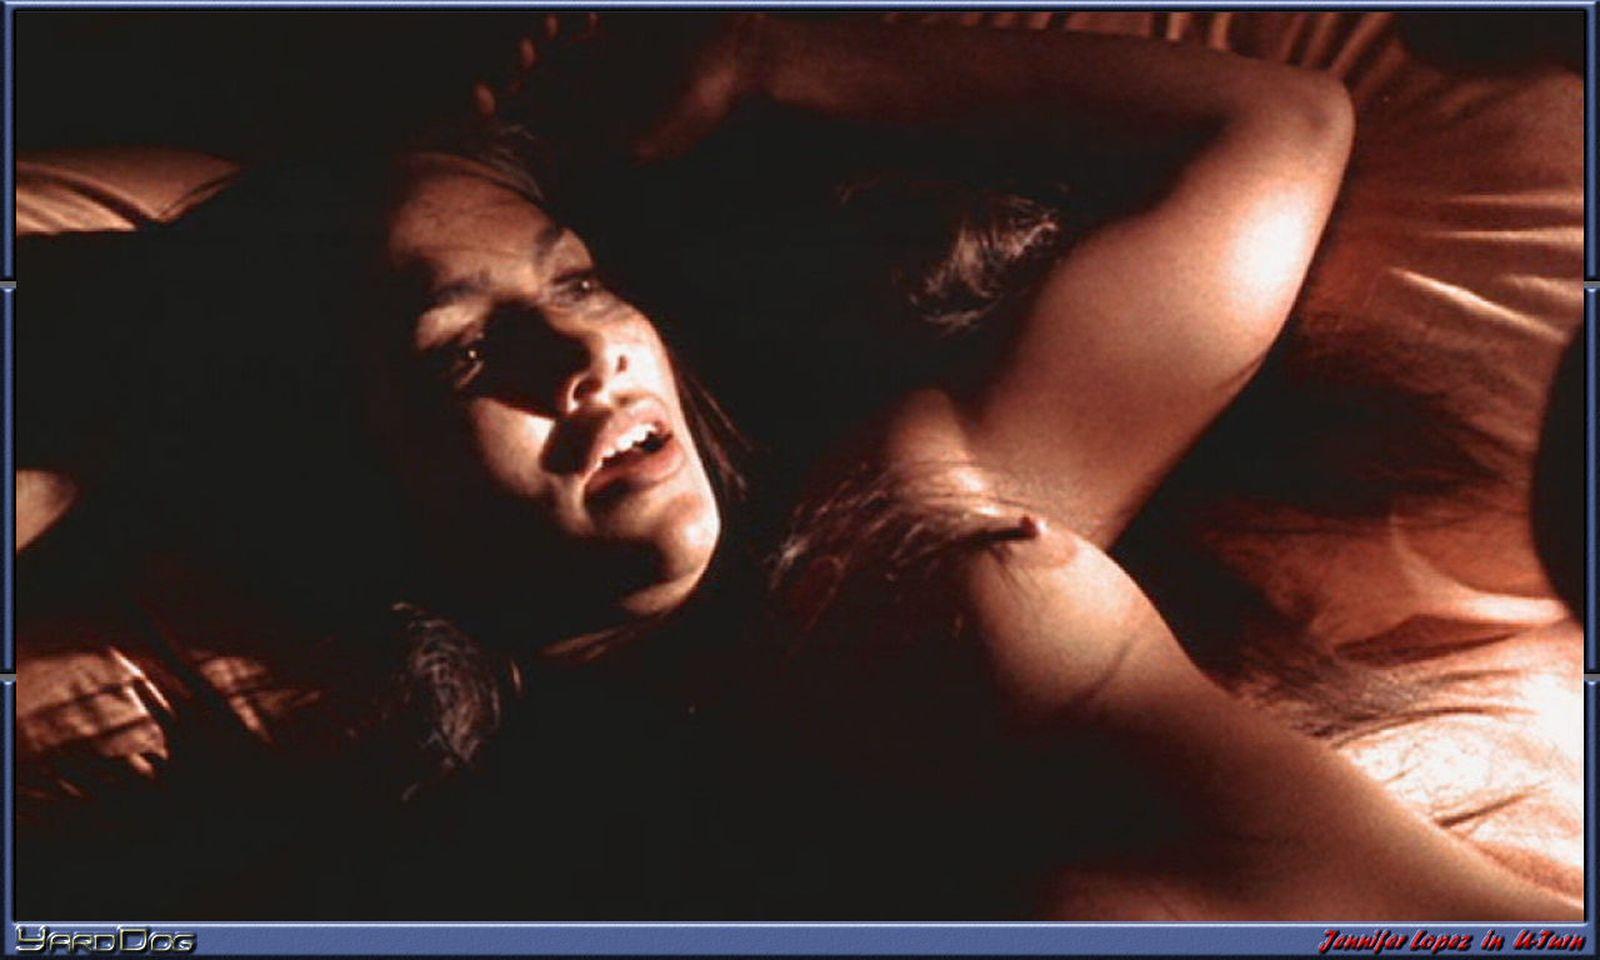 Hot jennifer lopez nude excellent